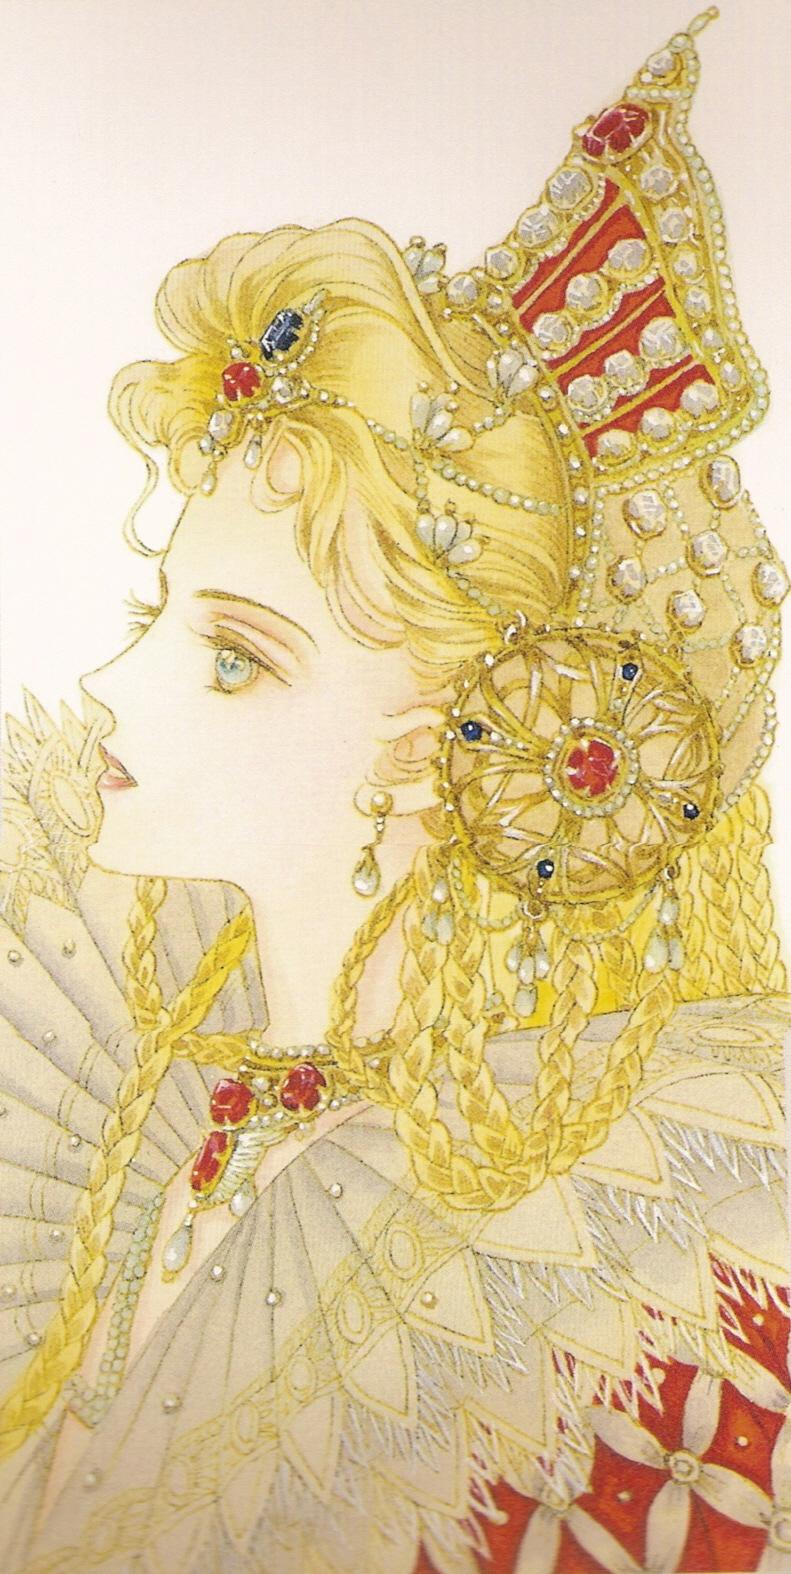 Reiko Shimizu: Her Majesty